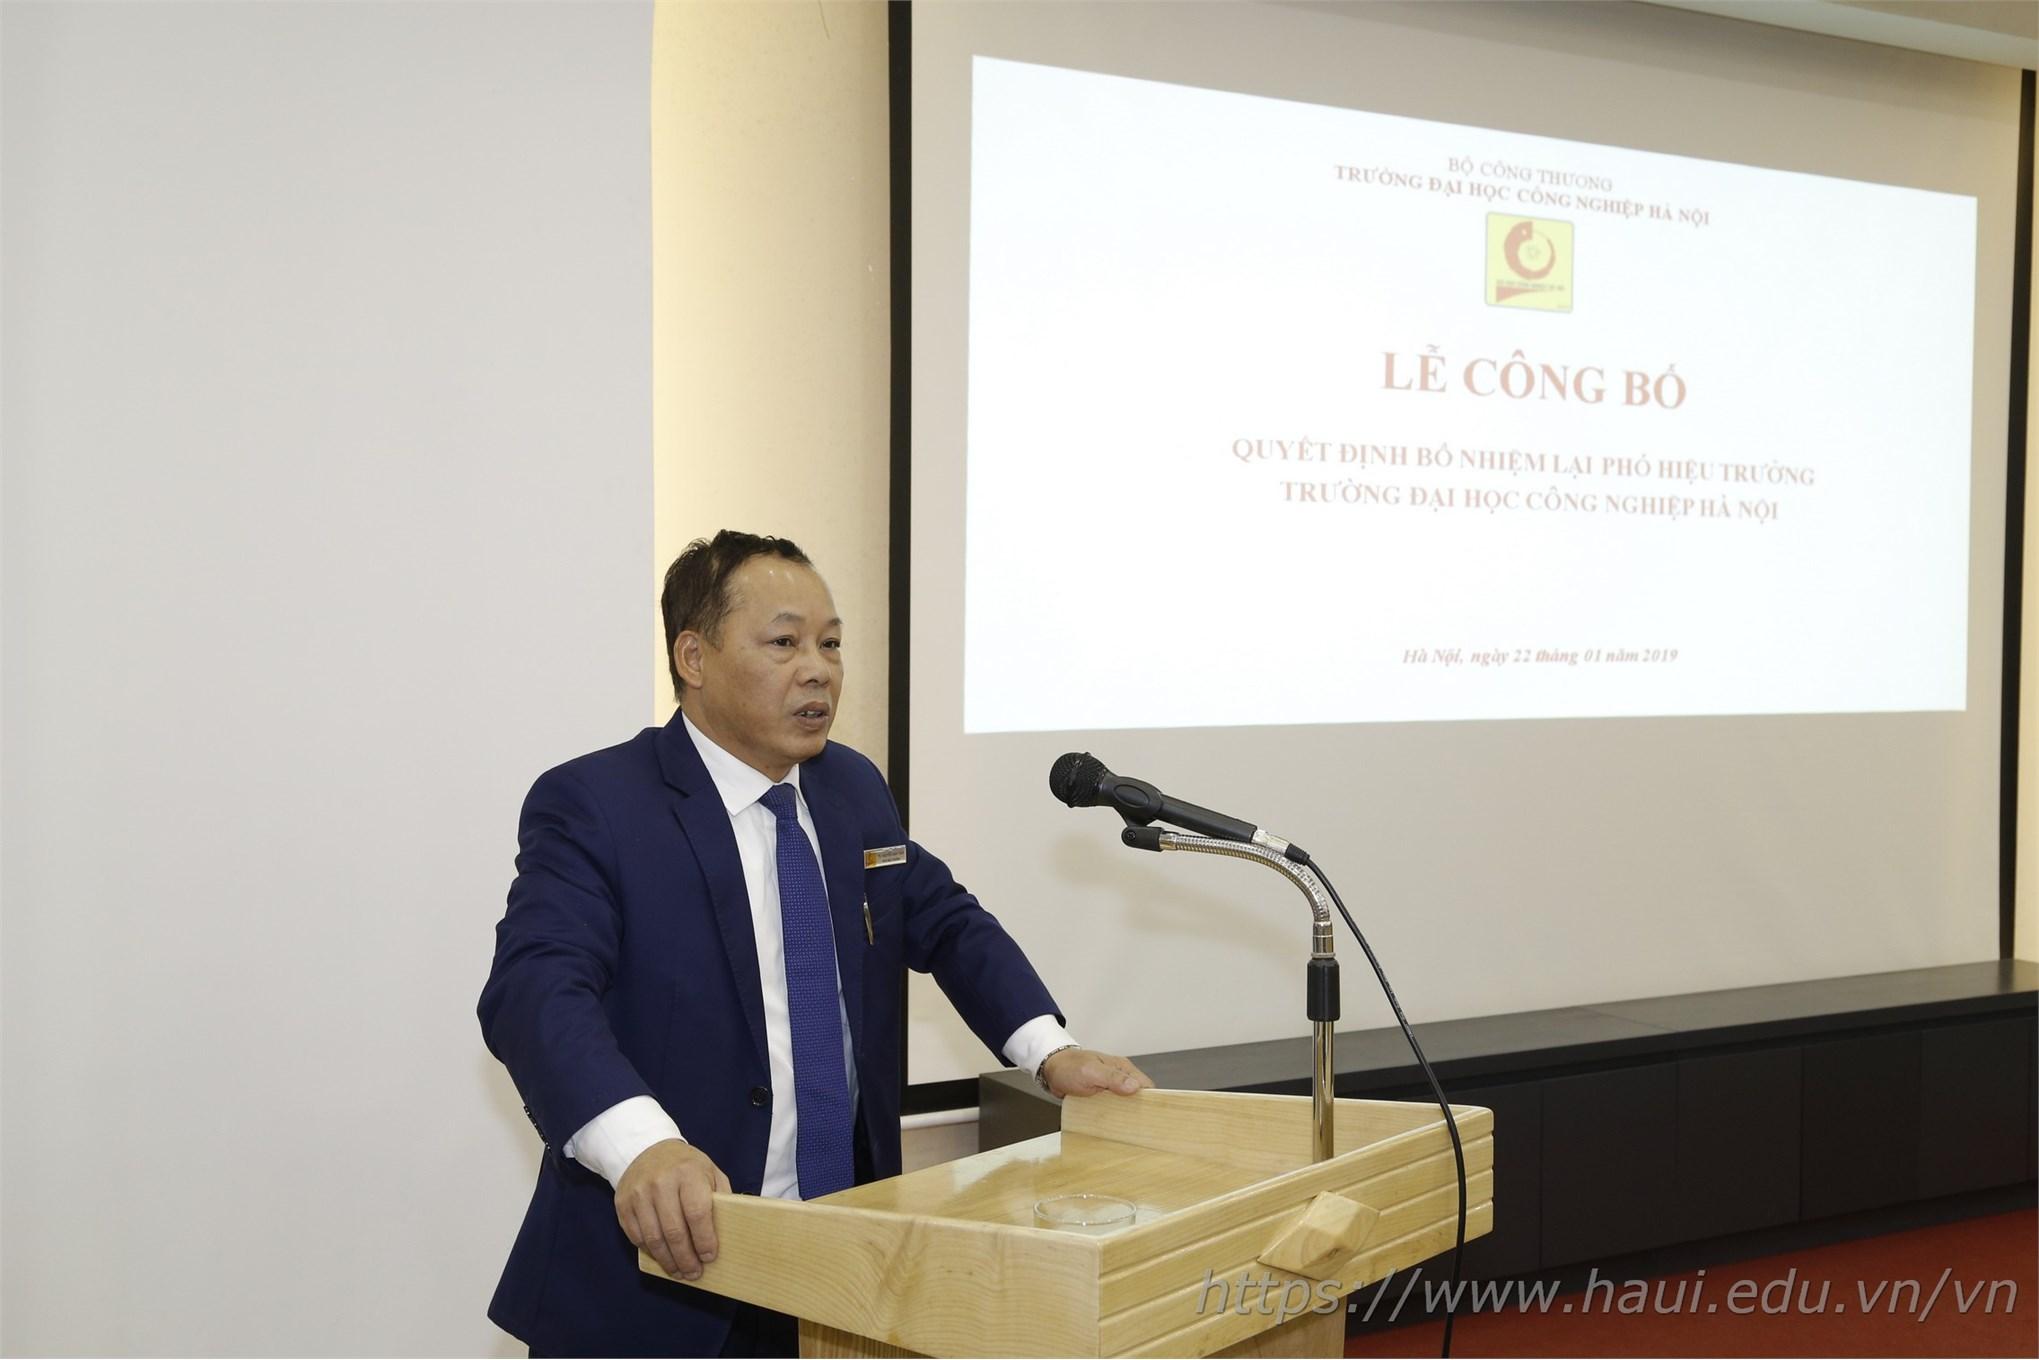 Lễ công bố quyết định bổ nhiệm lại Phó Hiệu trưởng